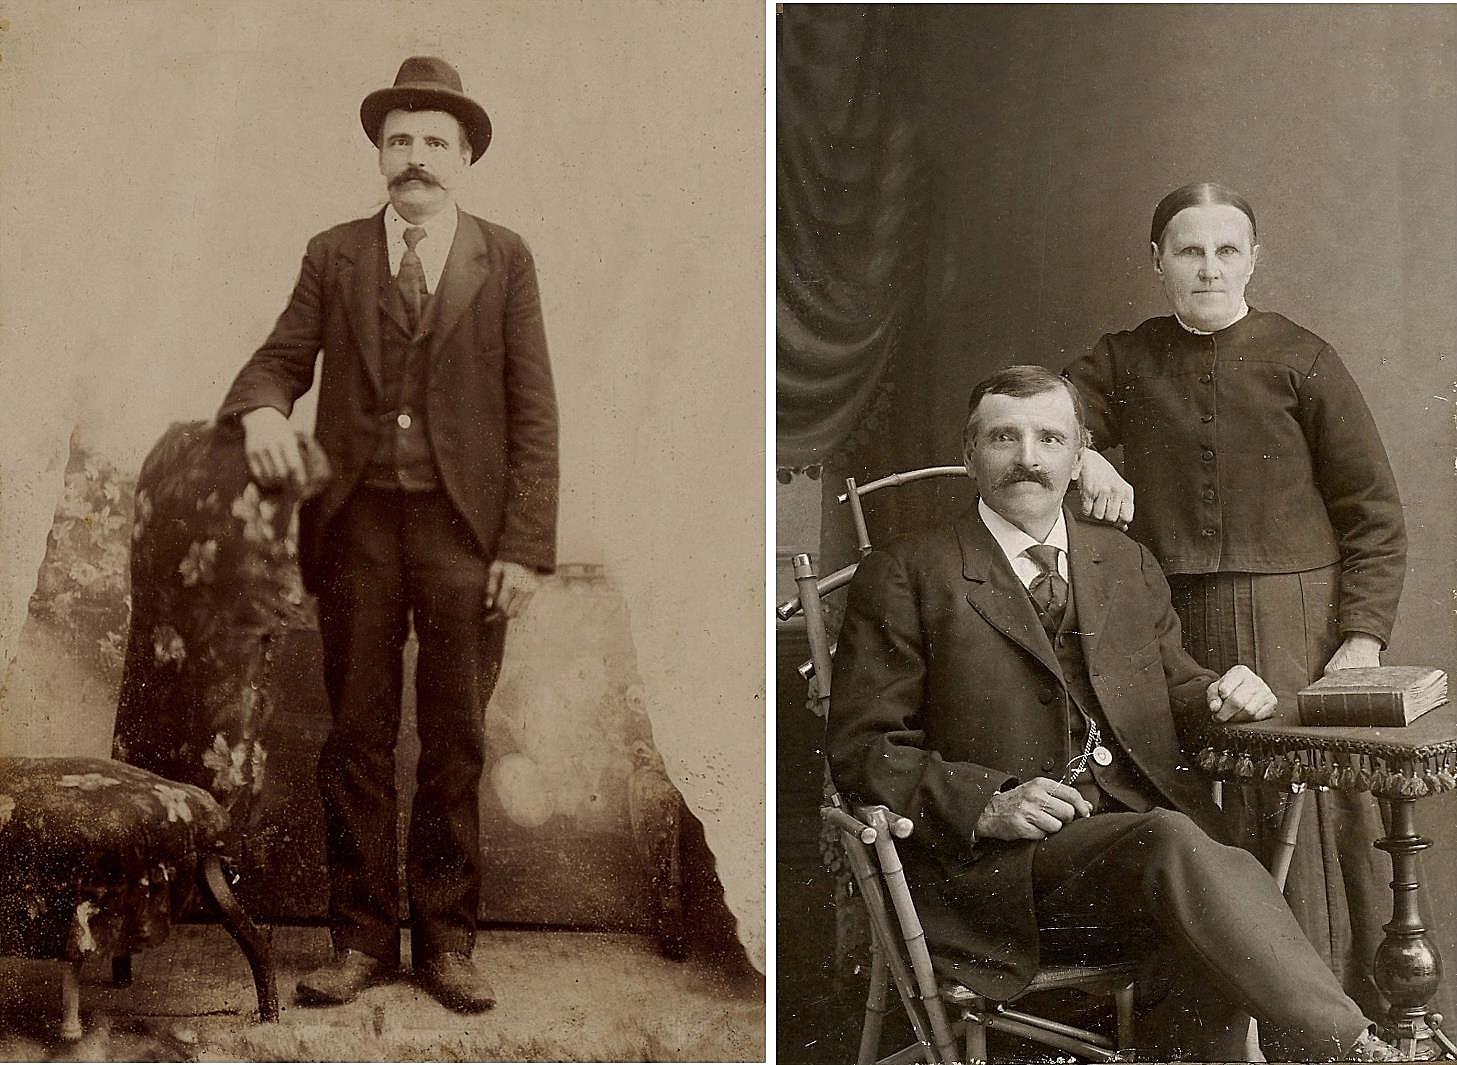 På fotot till vänster Erik Rosenback, då han vistades i Boston i Amerika. På fotot till höger sitter Erik i stolen och hustrun Maria står bakom.